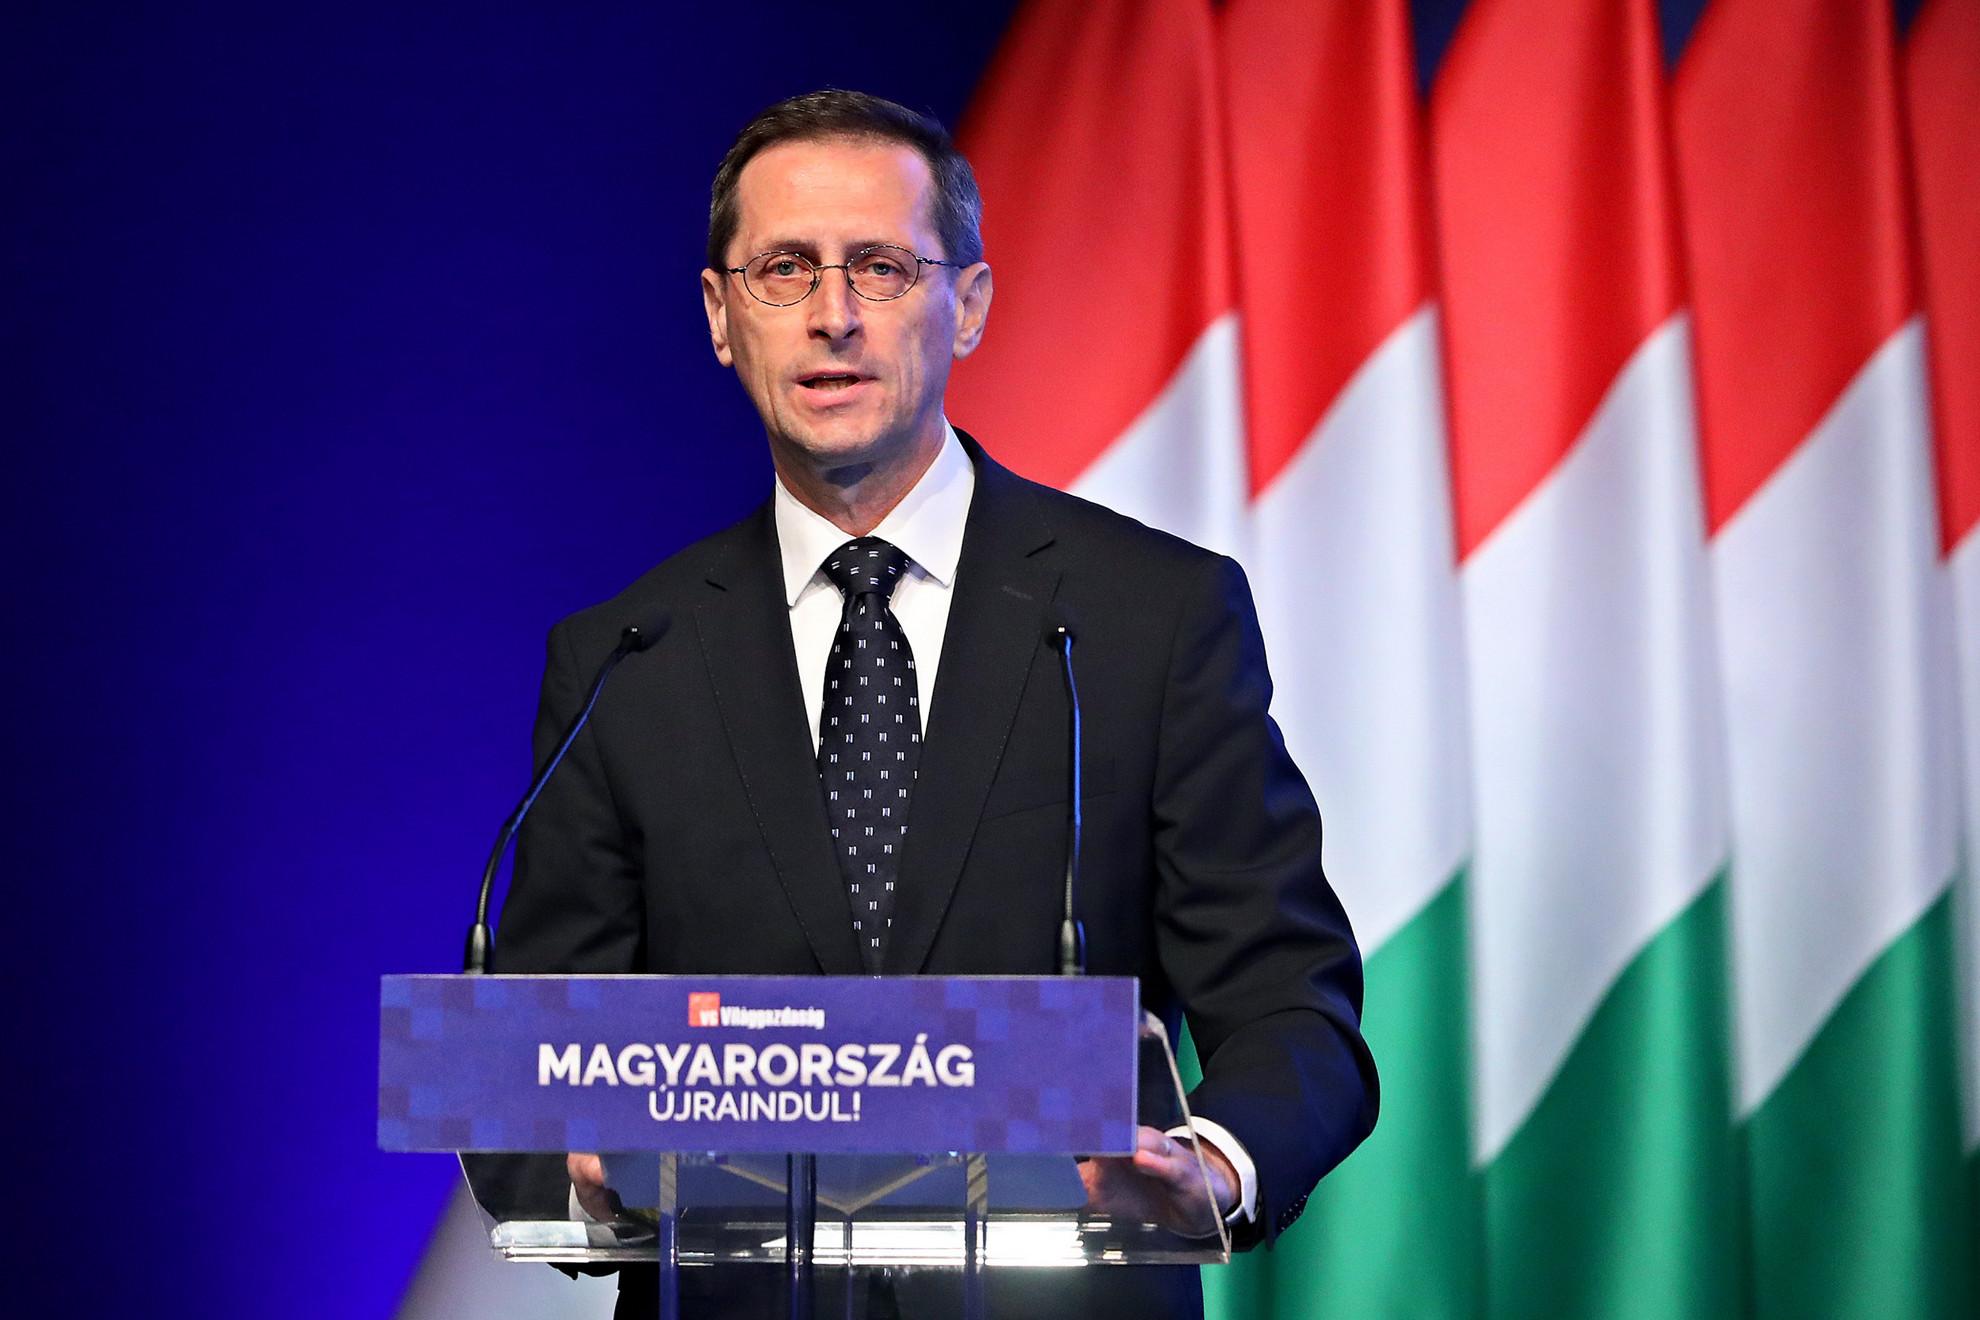 Varga Mihály pénzügyminiszter beszédet mond a Világgazdaság üzleti napilap Magyarország újraindításáról szervezett konferenciáján a Budapest Kongresszusi Központ 2021. június 9-én